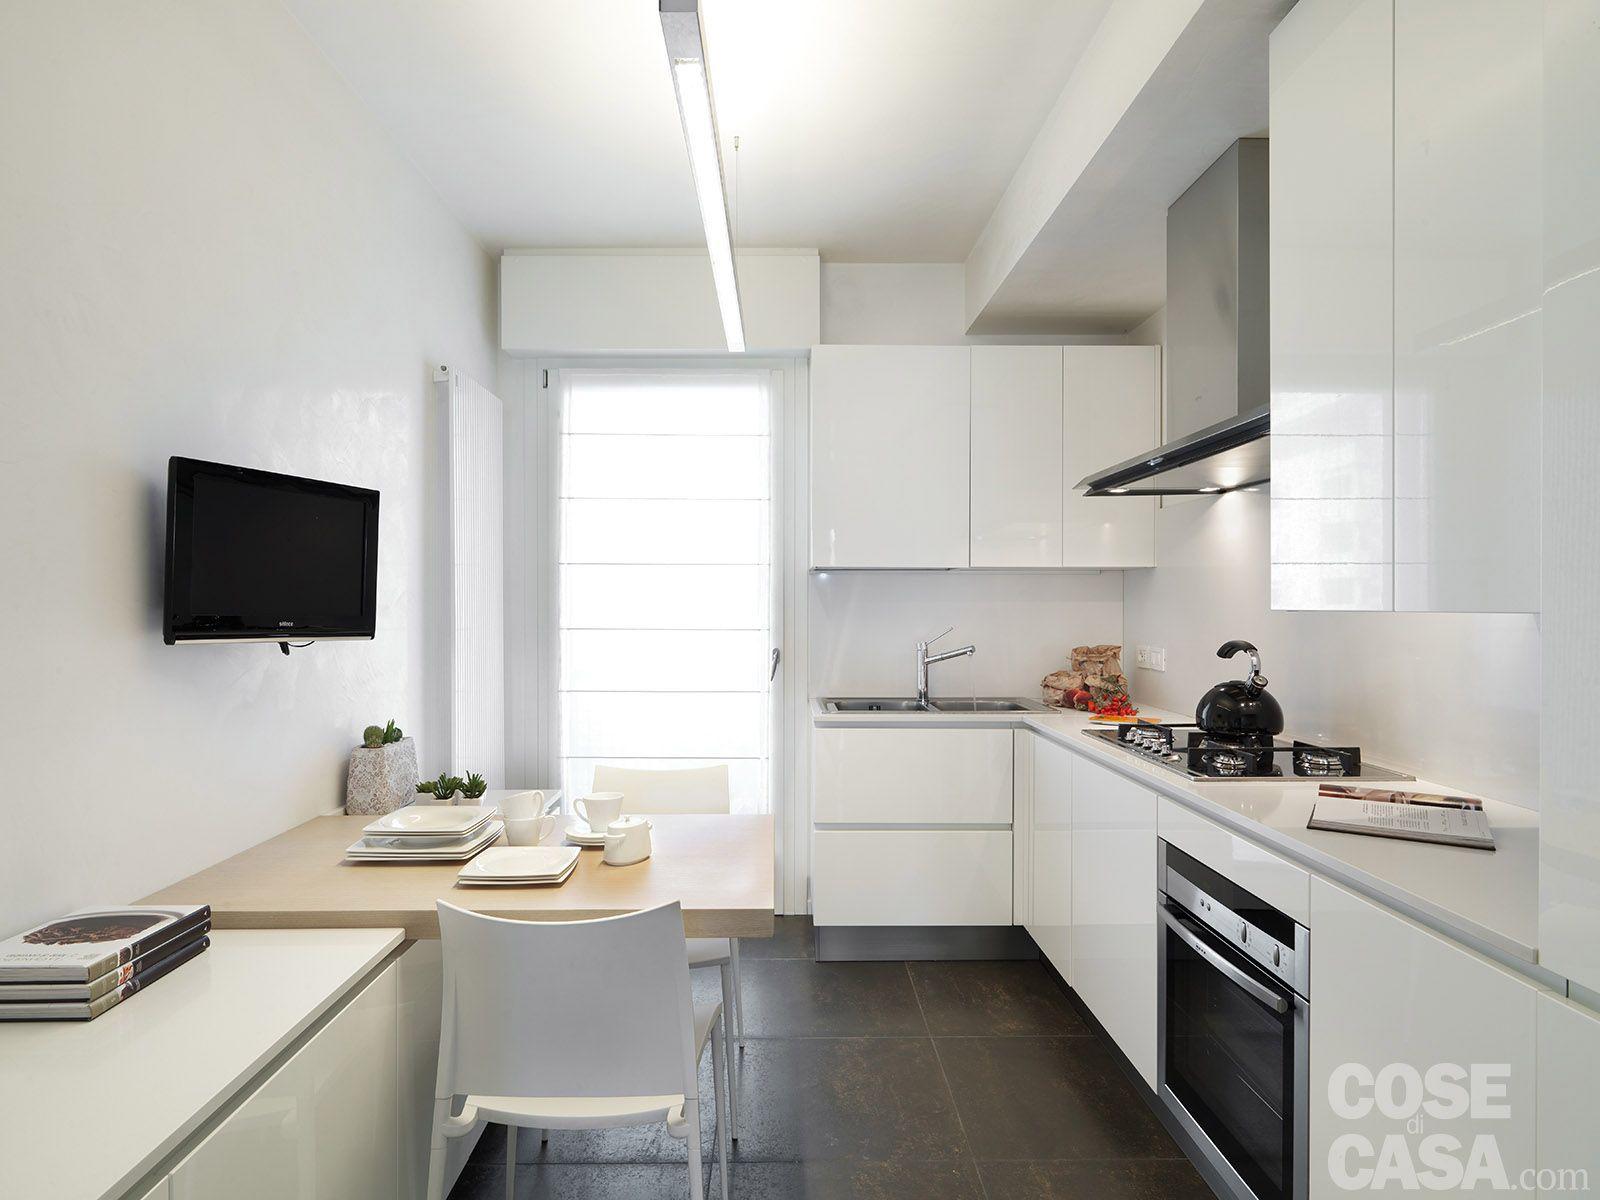 cucina con finestra sul salotto - Google Search  Idee ...